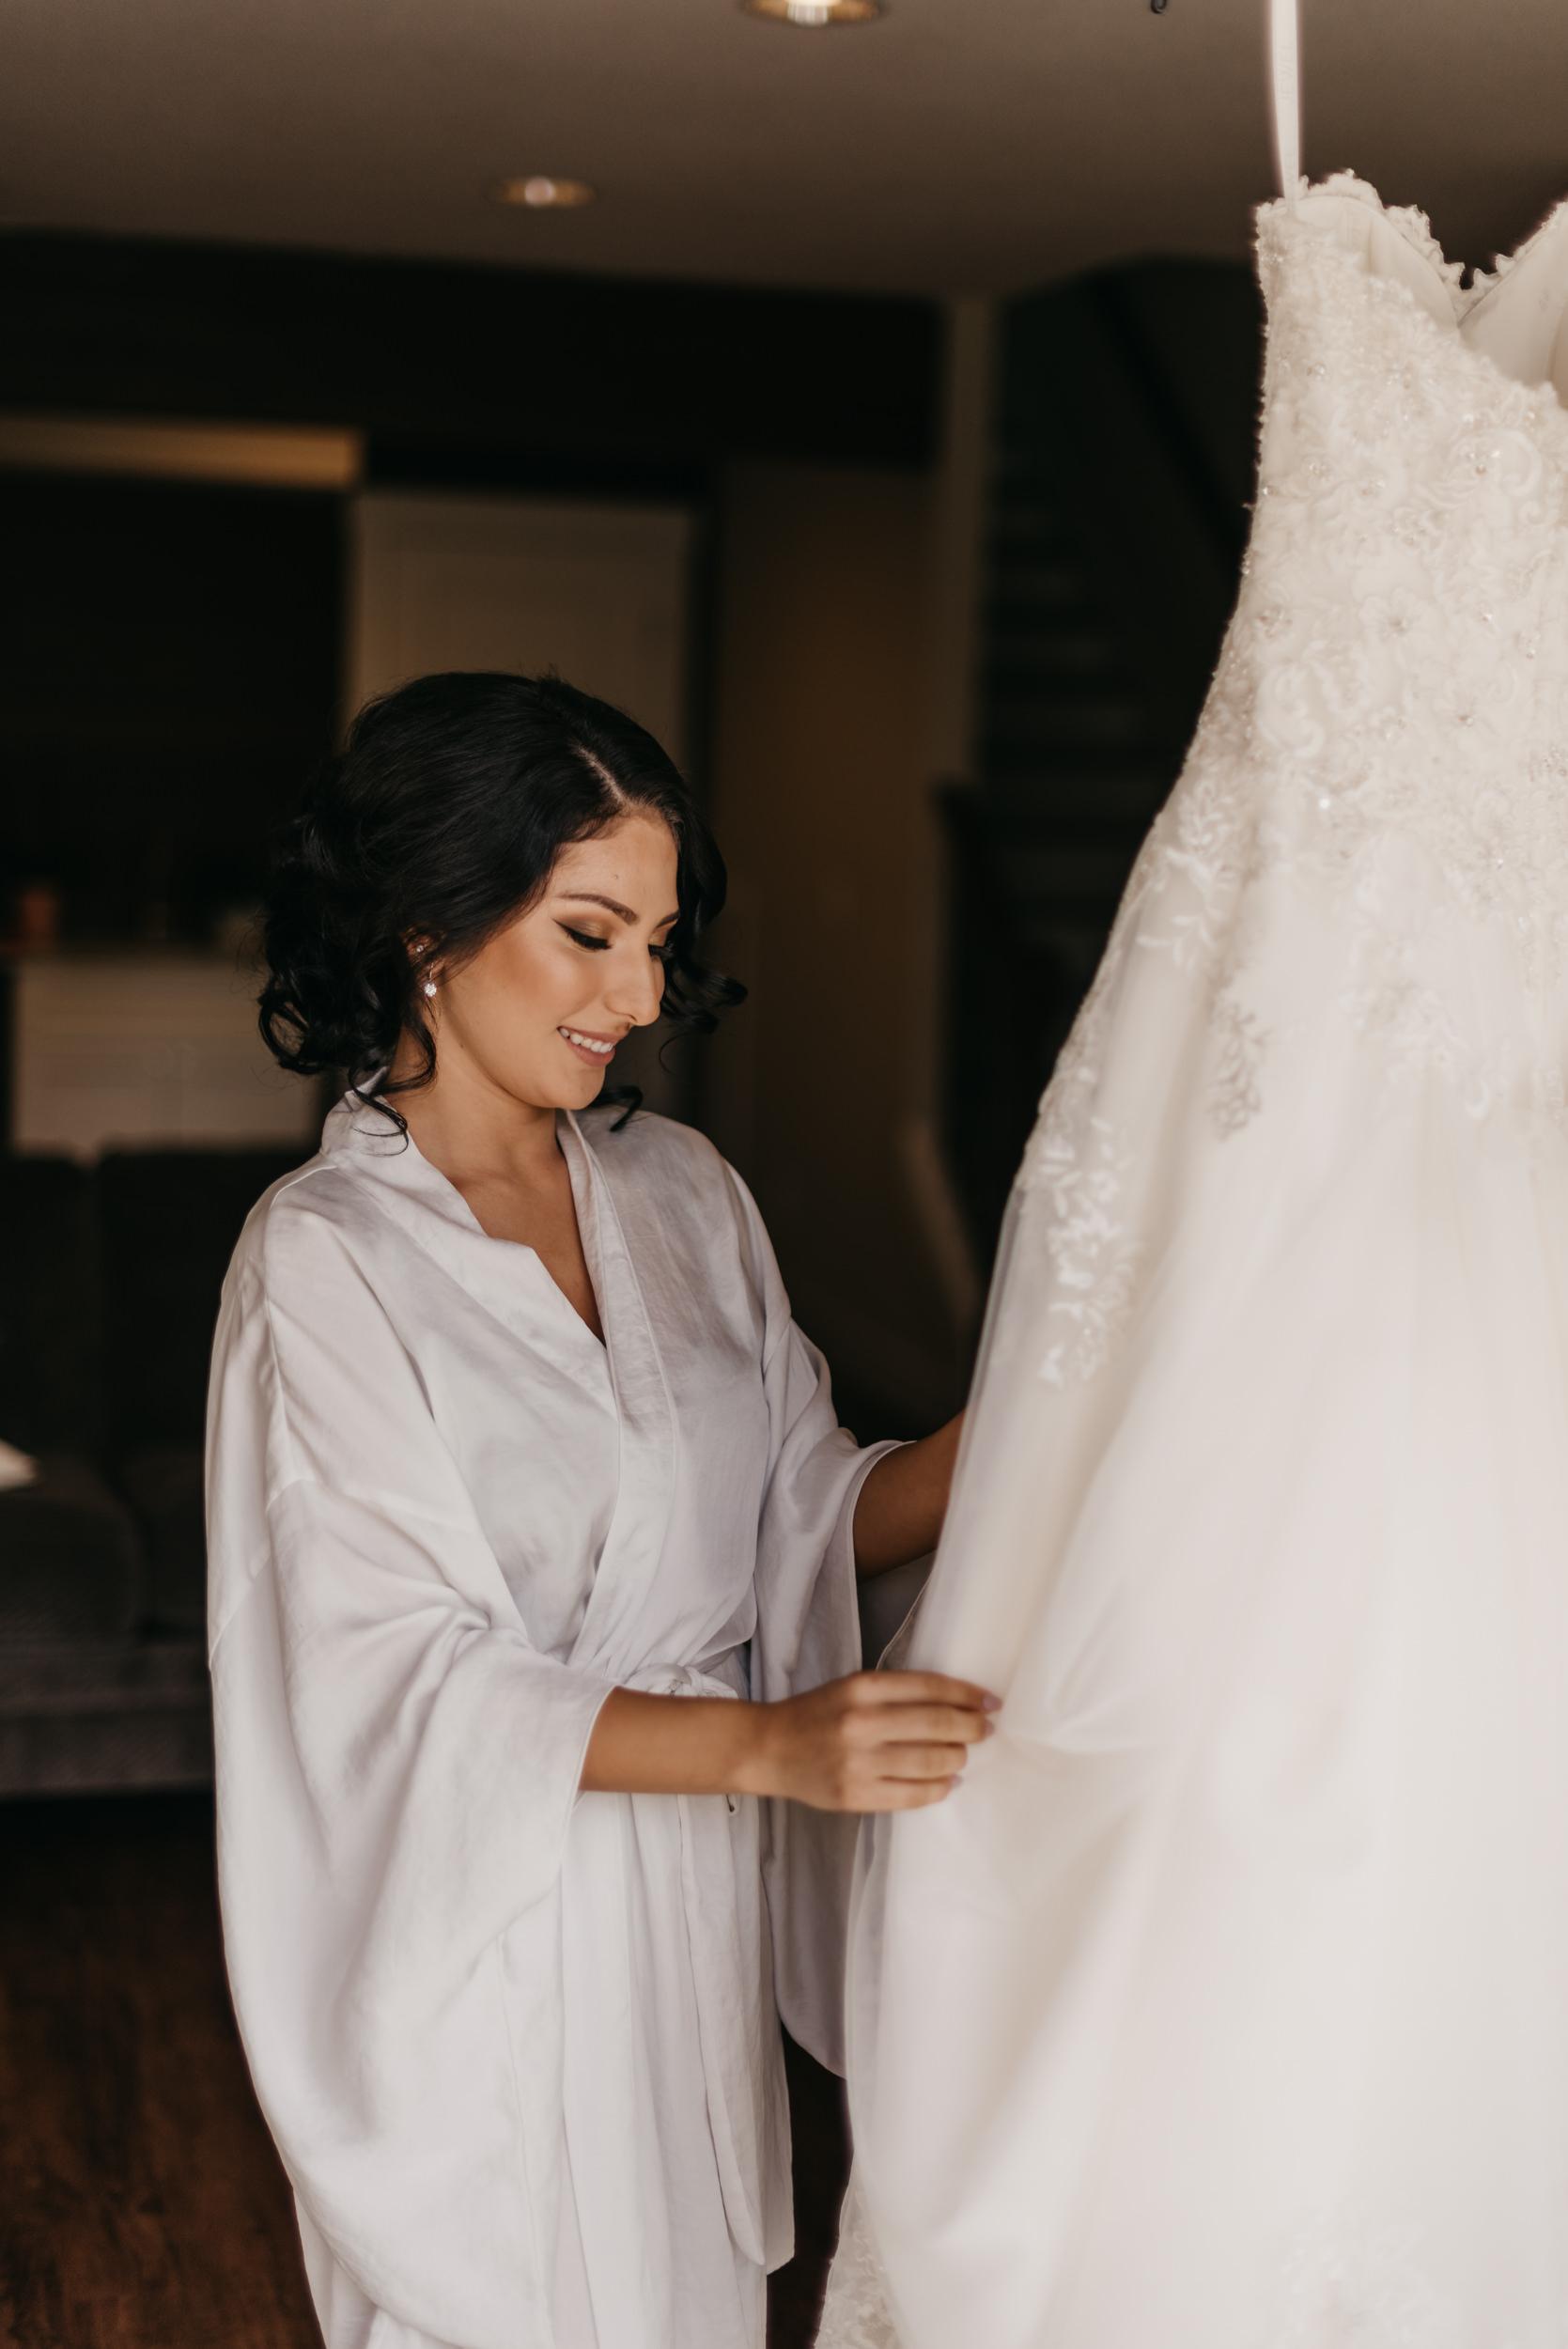 7-bride-getting-ready-groom-bridesmaids-6892.jpg